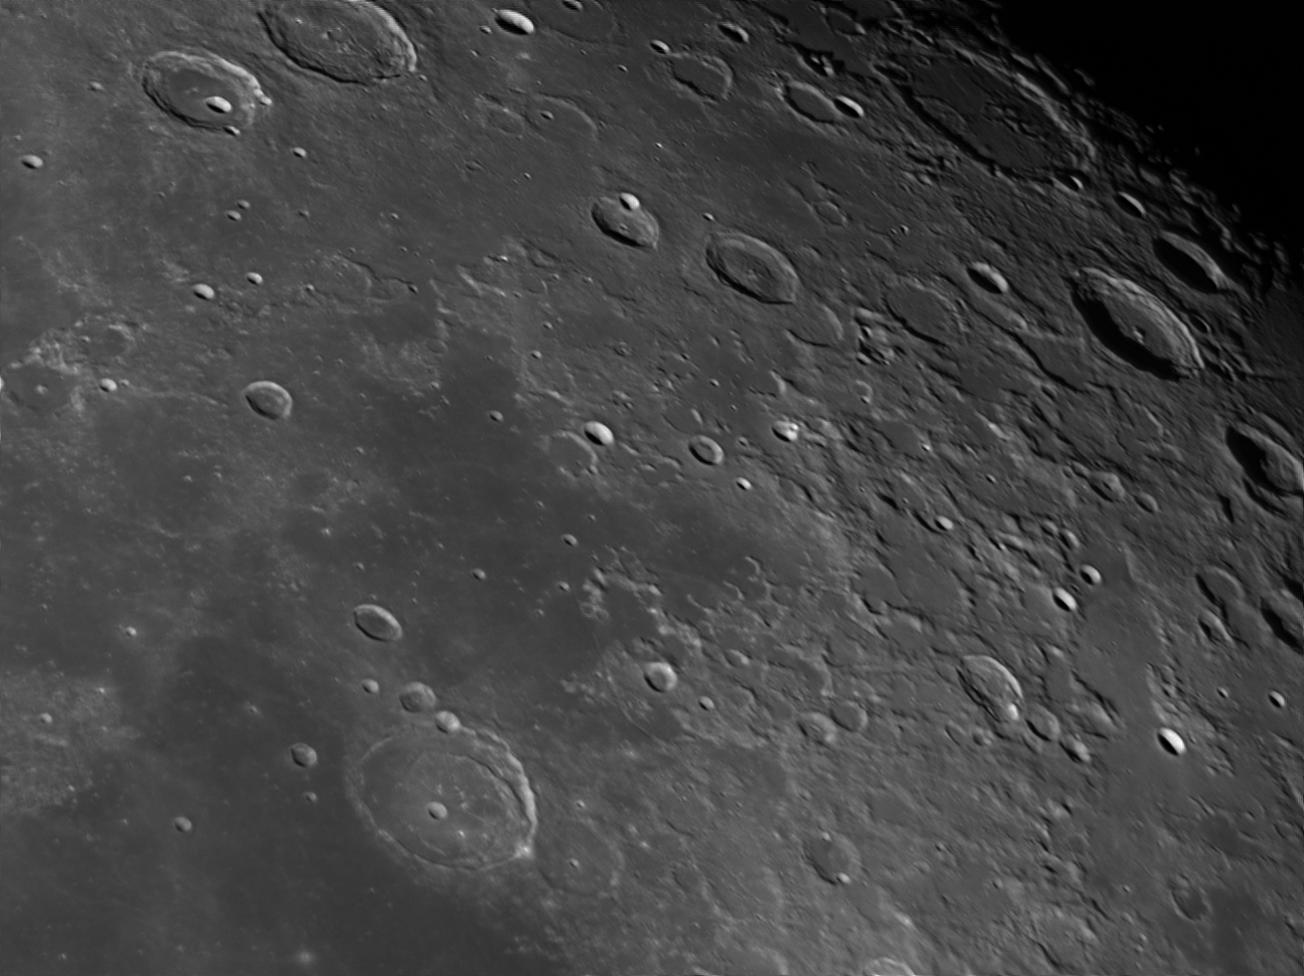 moon_eva_2.png.0f7c575a4e5ec4ee16b24589d480a273.png